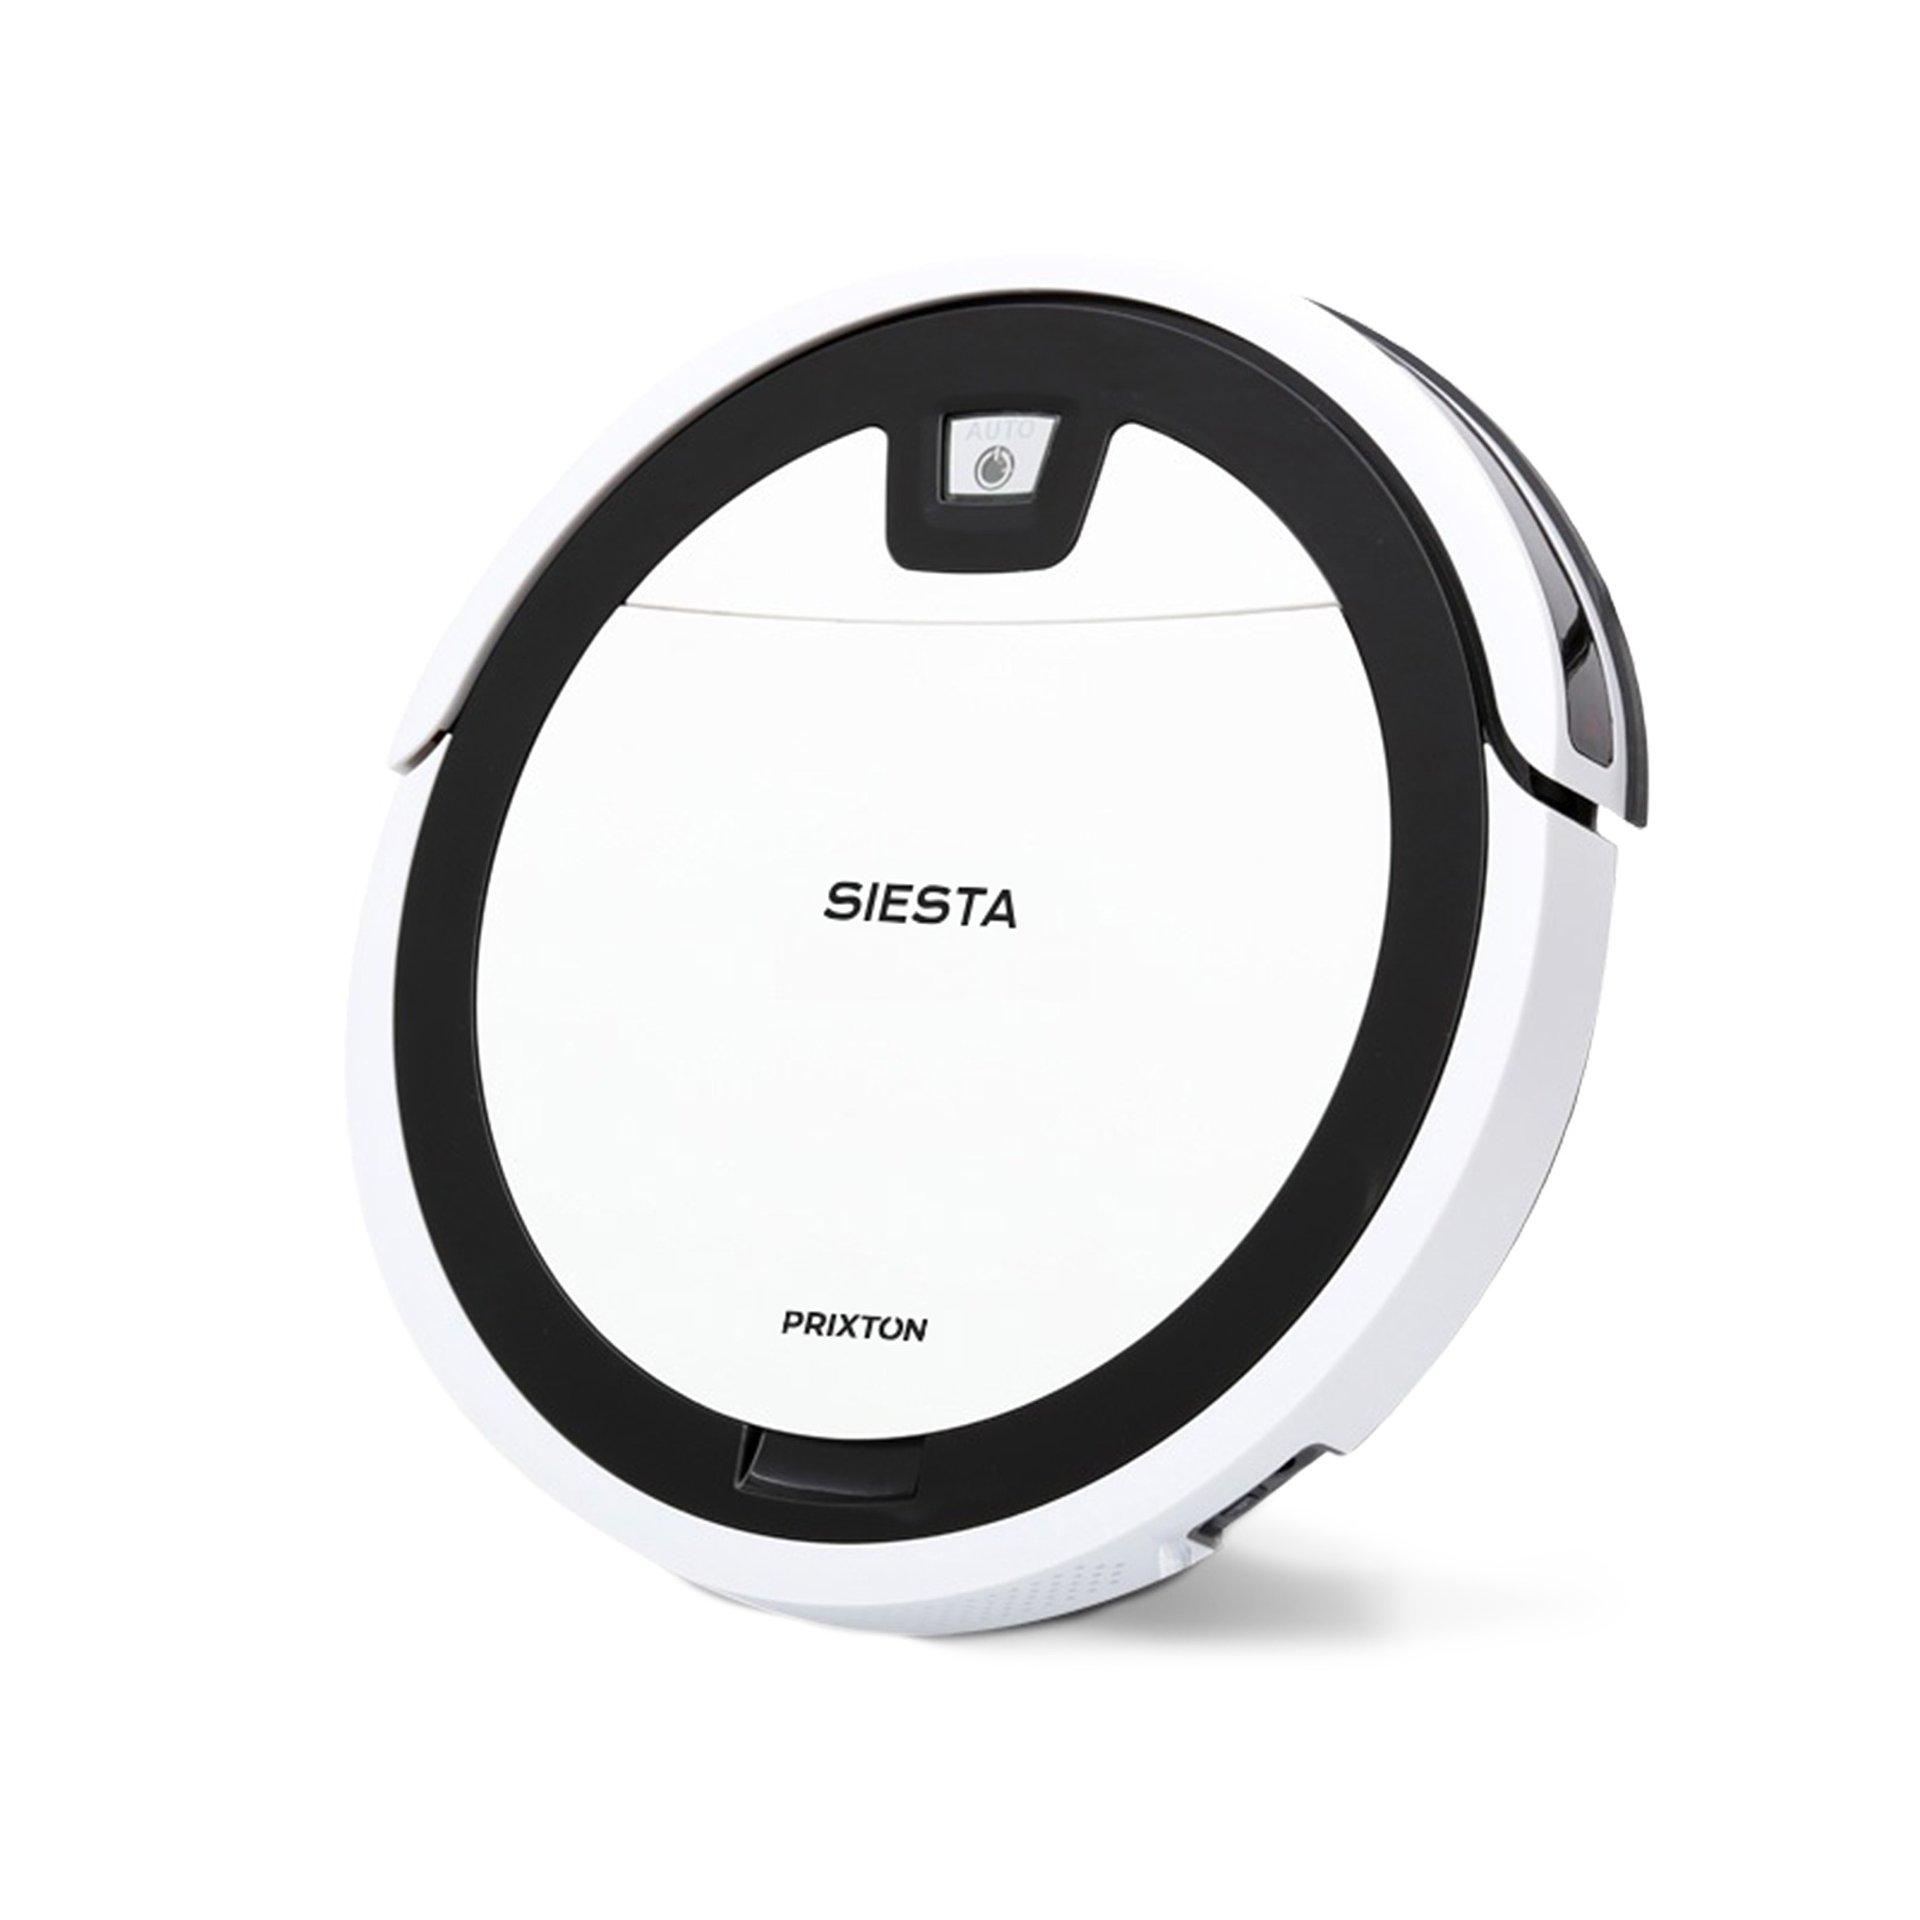 Novo Aspirador Robot Siesta a um preço bombástico no Intermarché